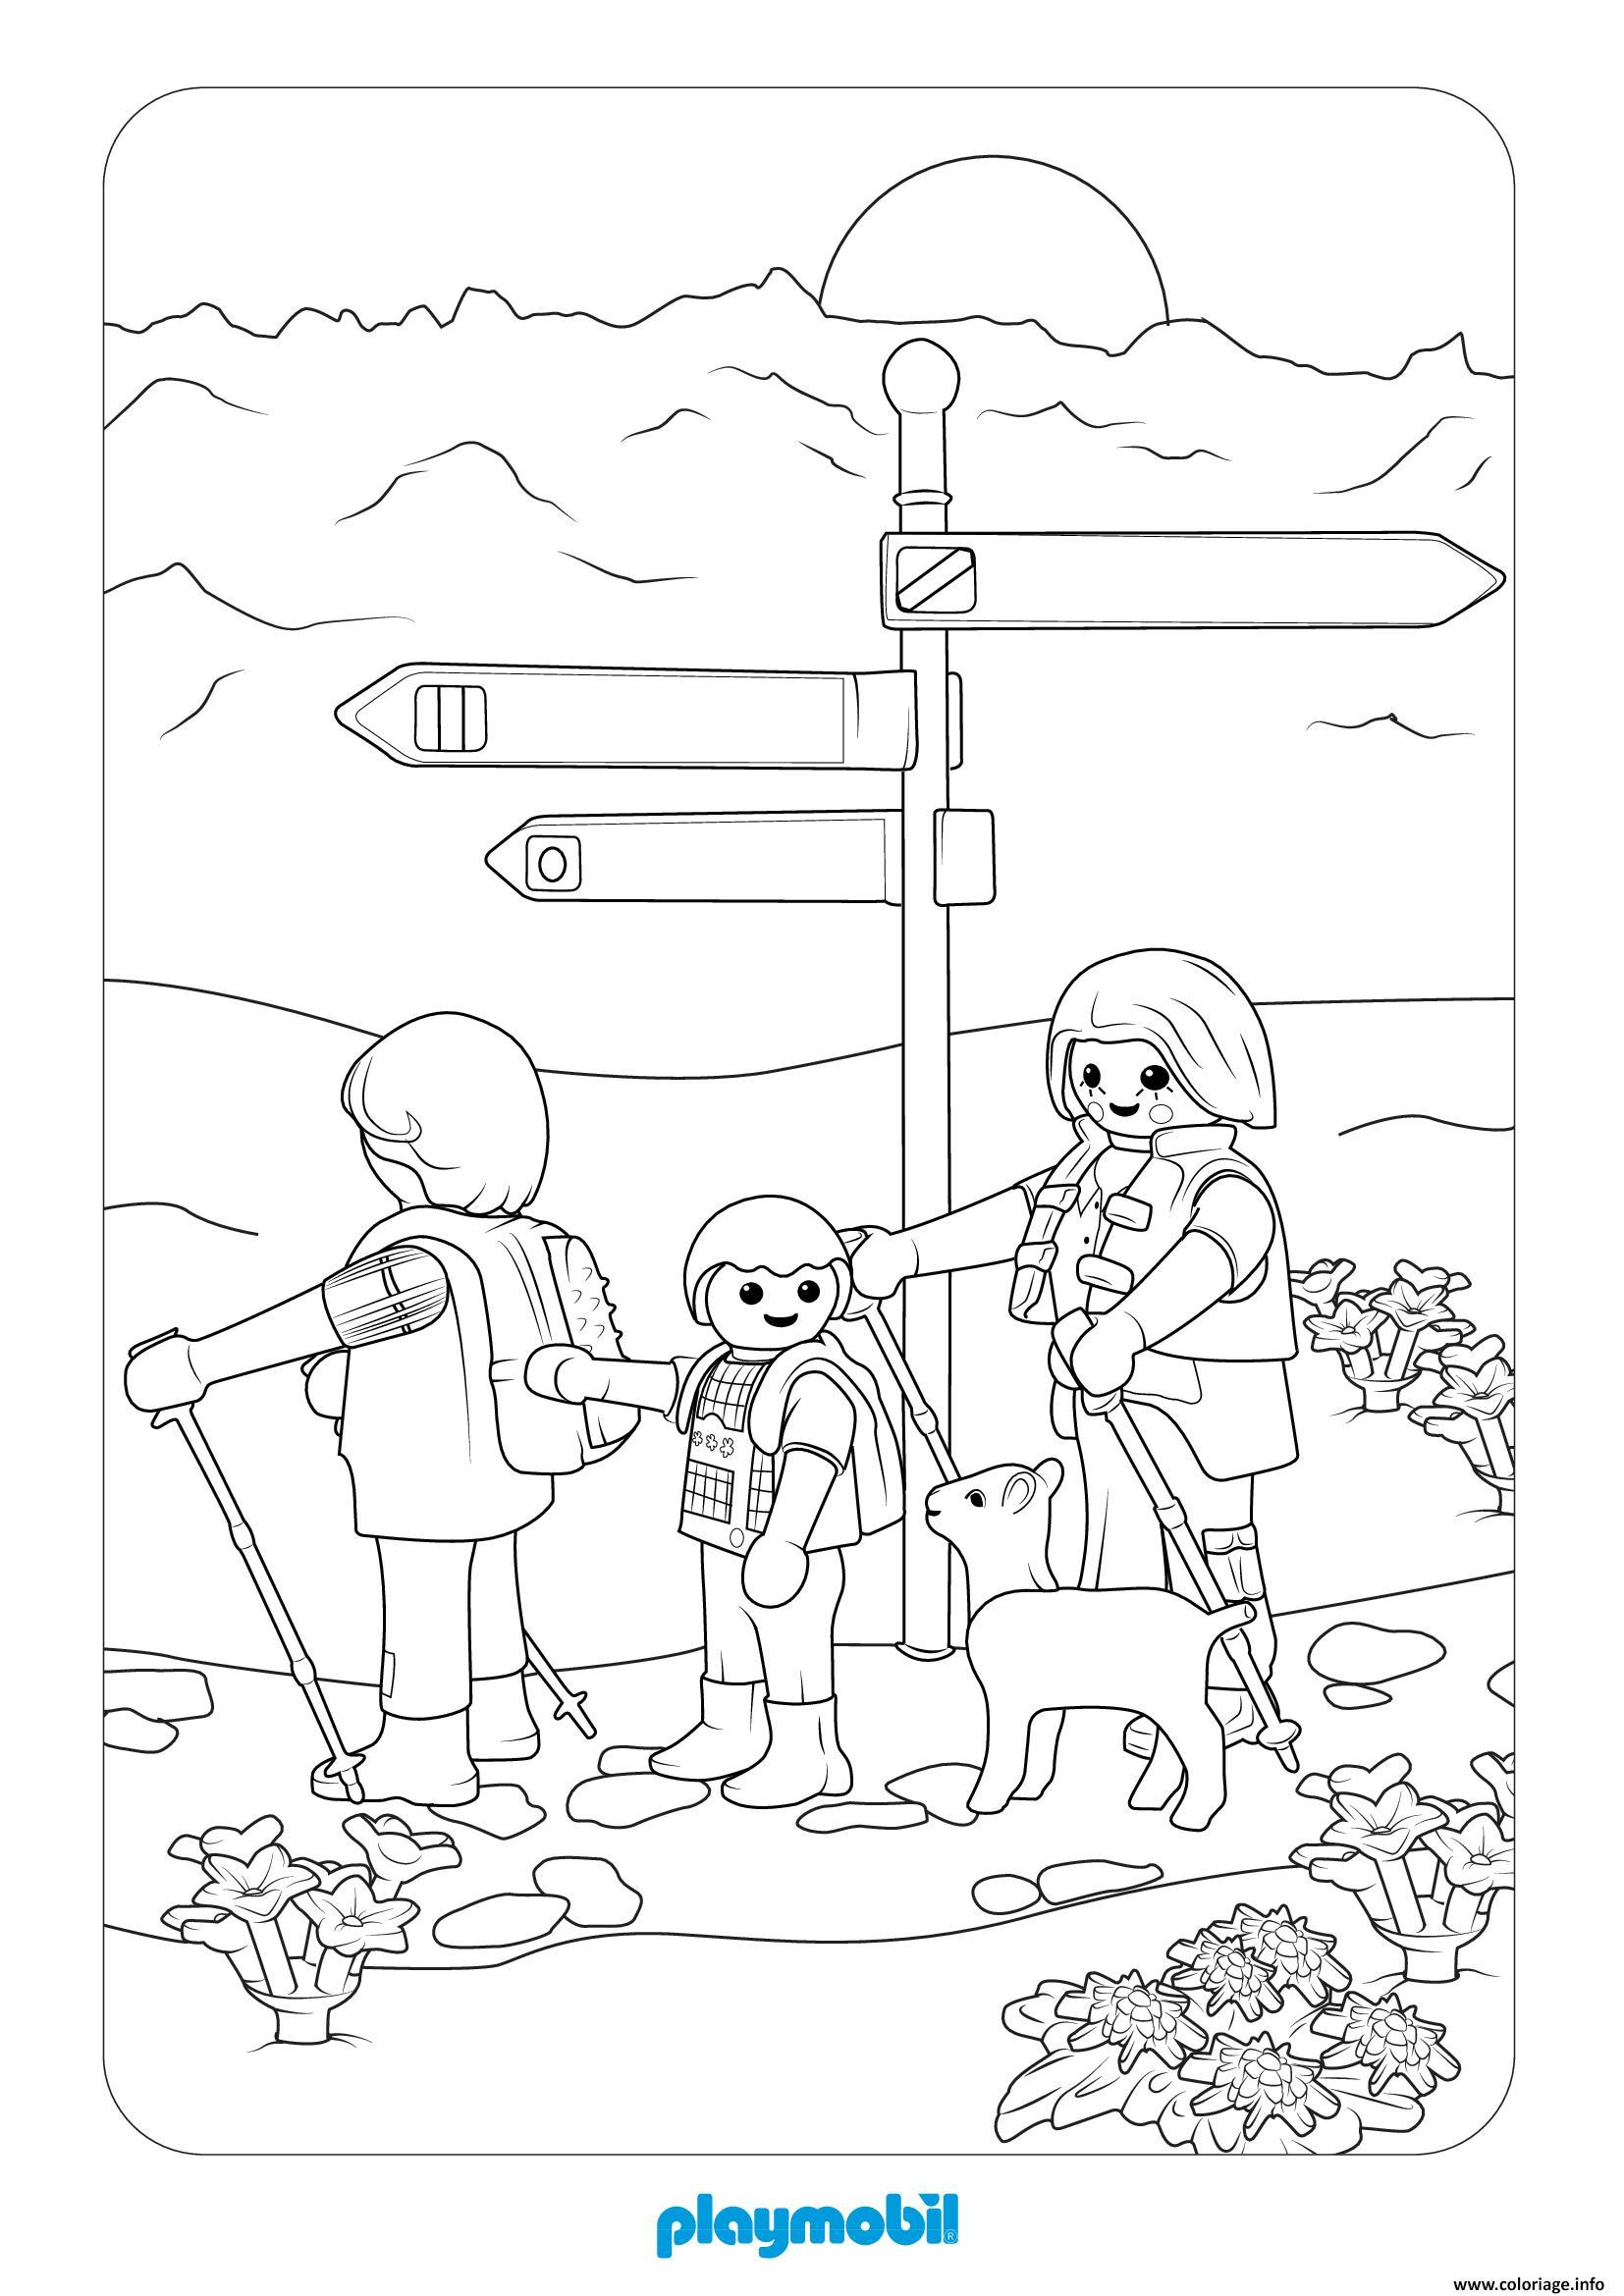 Coloriage Playmobil La Vie A La Montagne 2 Dessin Playmobil A Imprimer